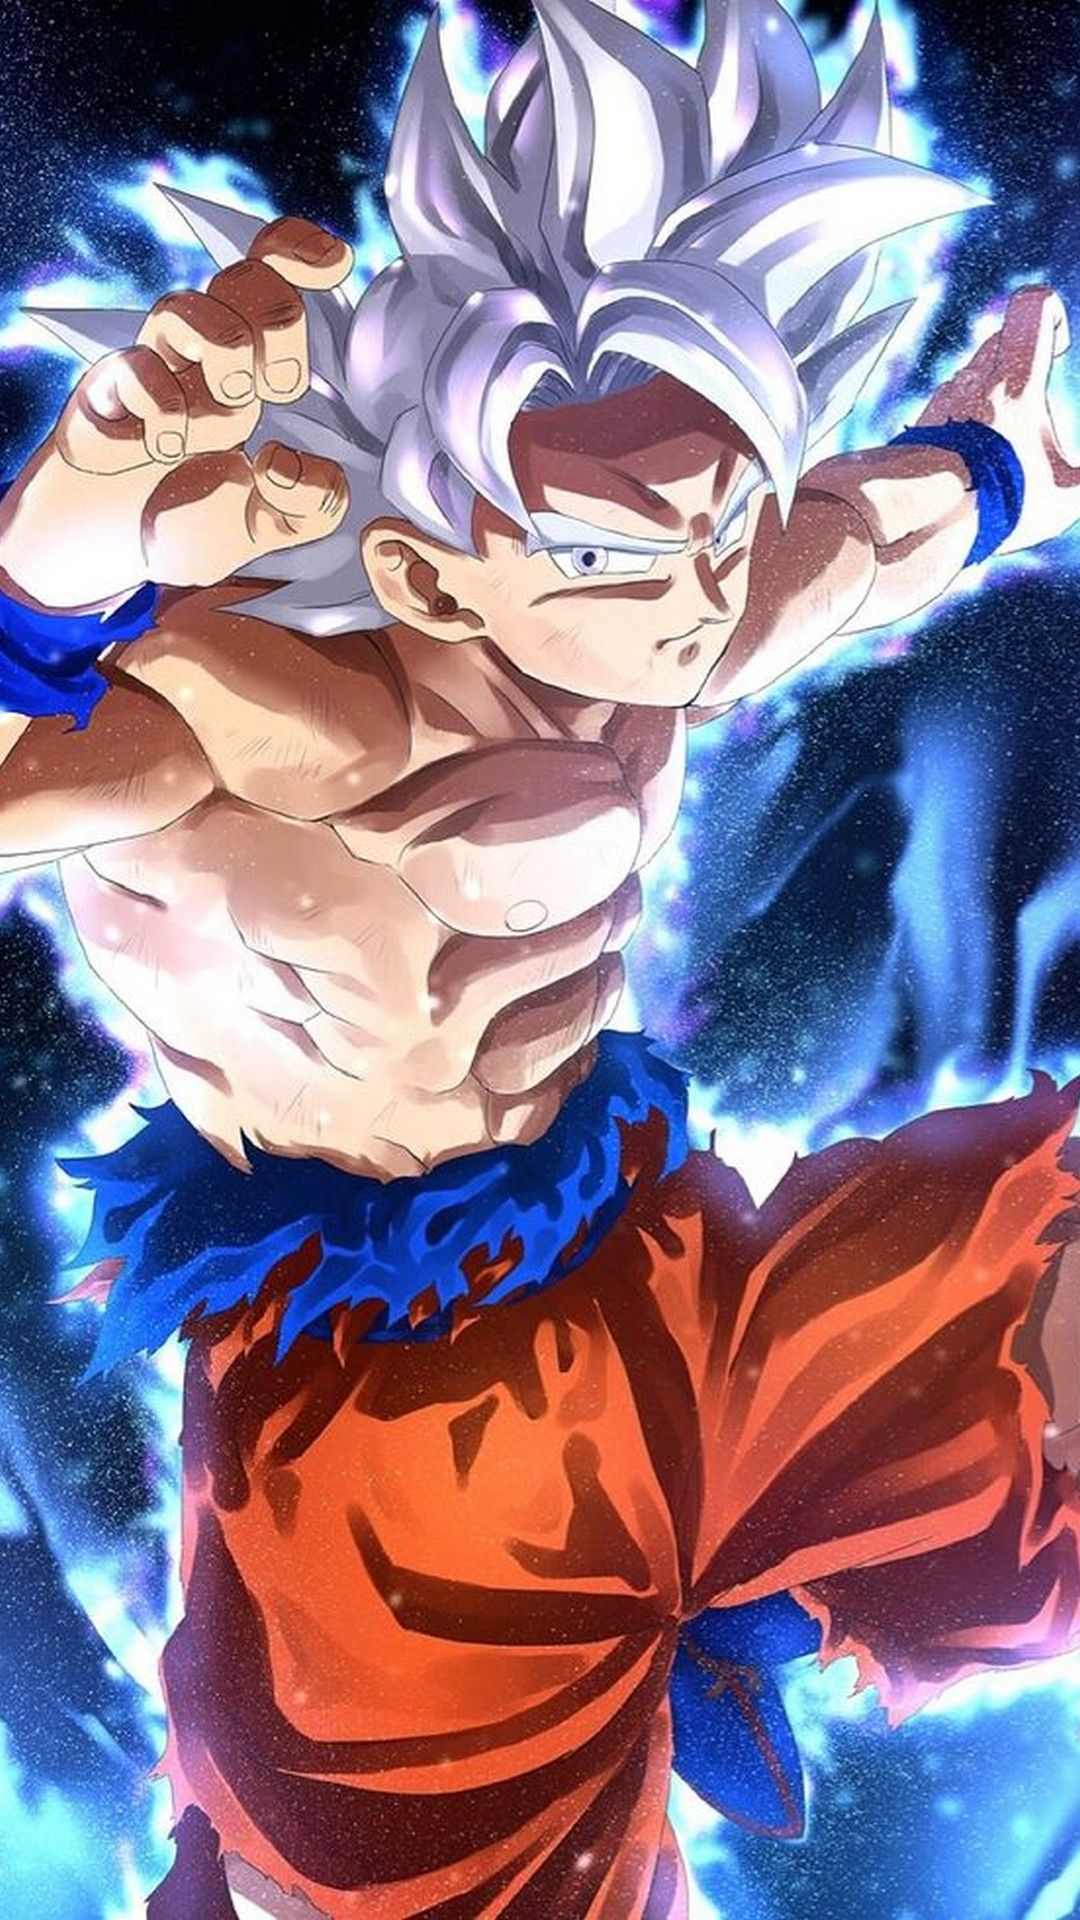 Goku Ssj Wallpaper For Android Best Mobile Wallpaper Anime Dragon Ball Super Dragon Ball Artwork Anime